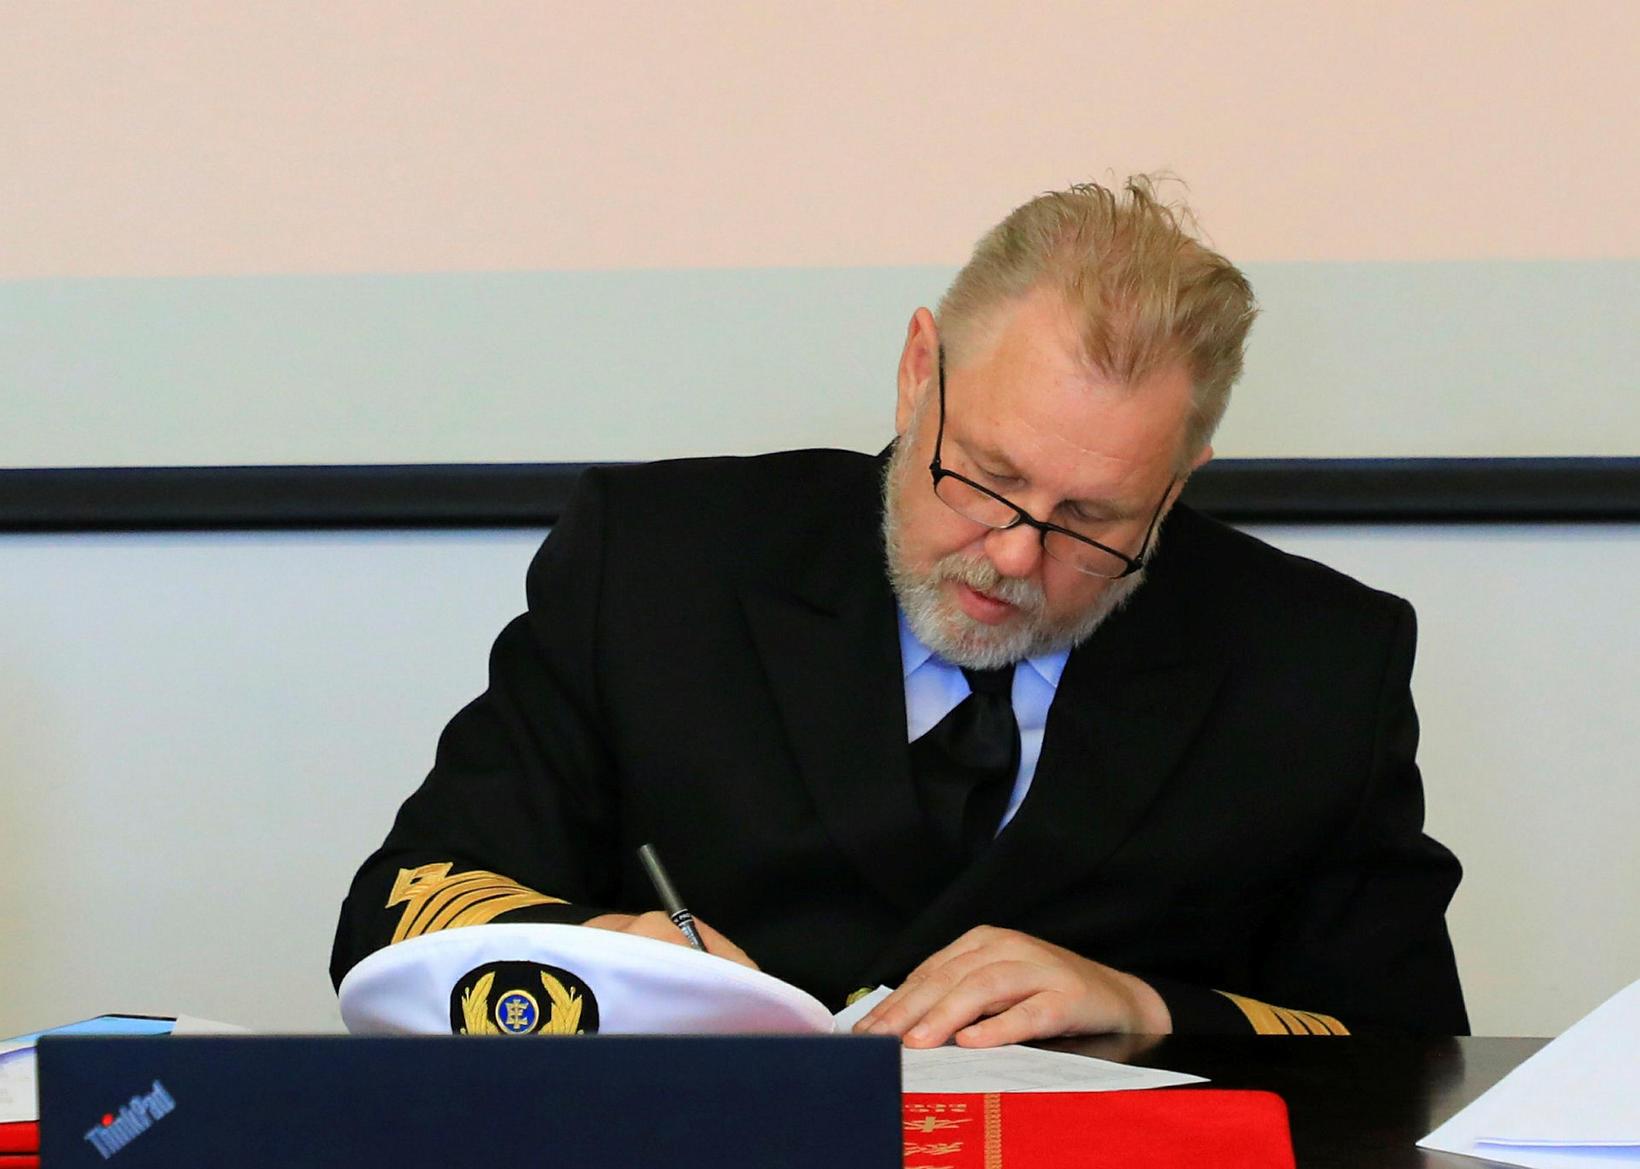 KArl Guðmundsson skipstjóri við afhendingu skipsins í Kína.